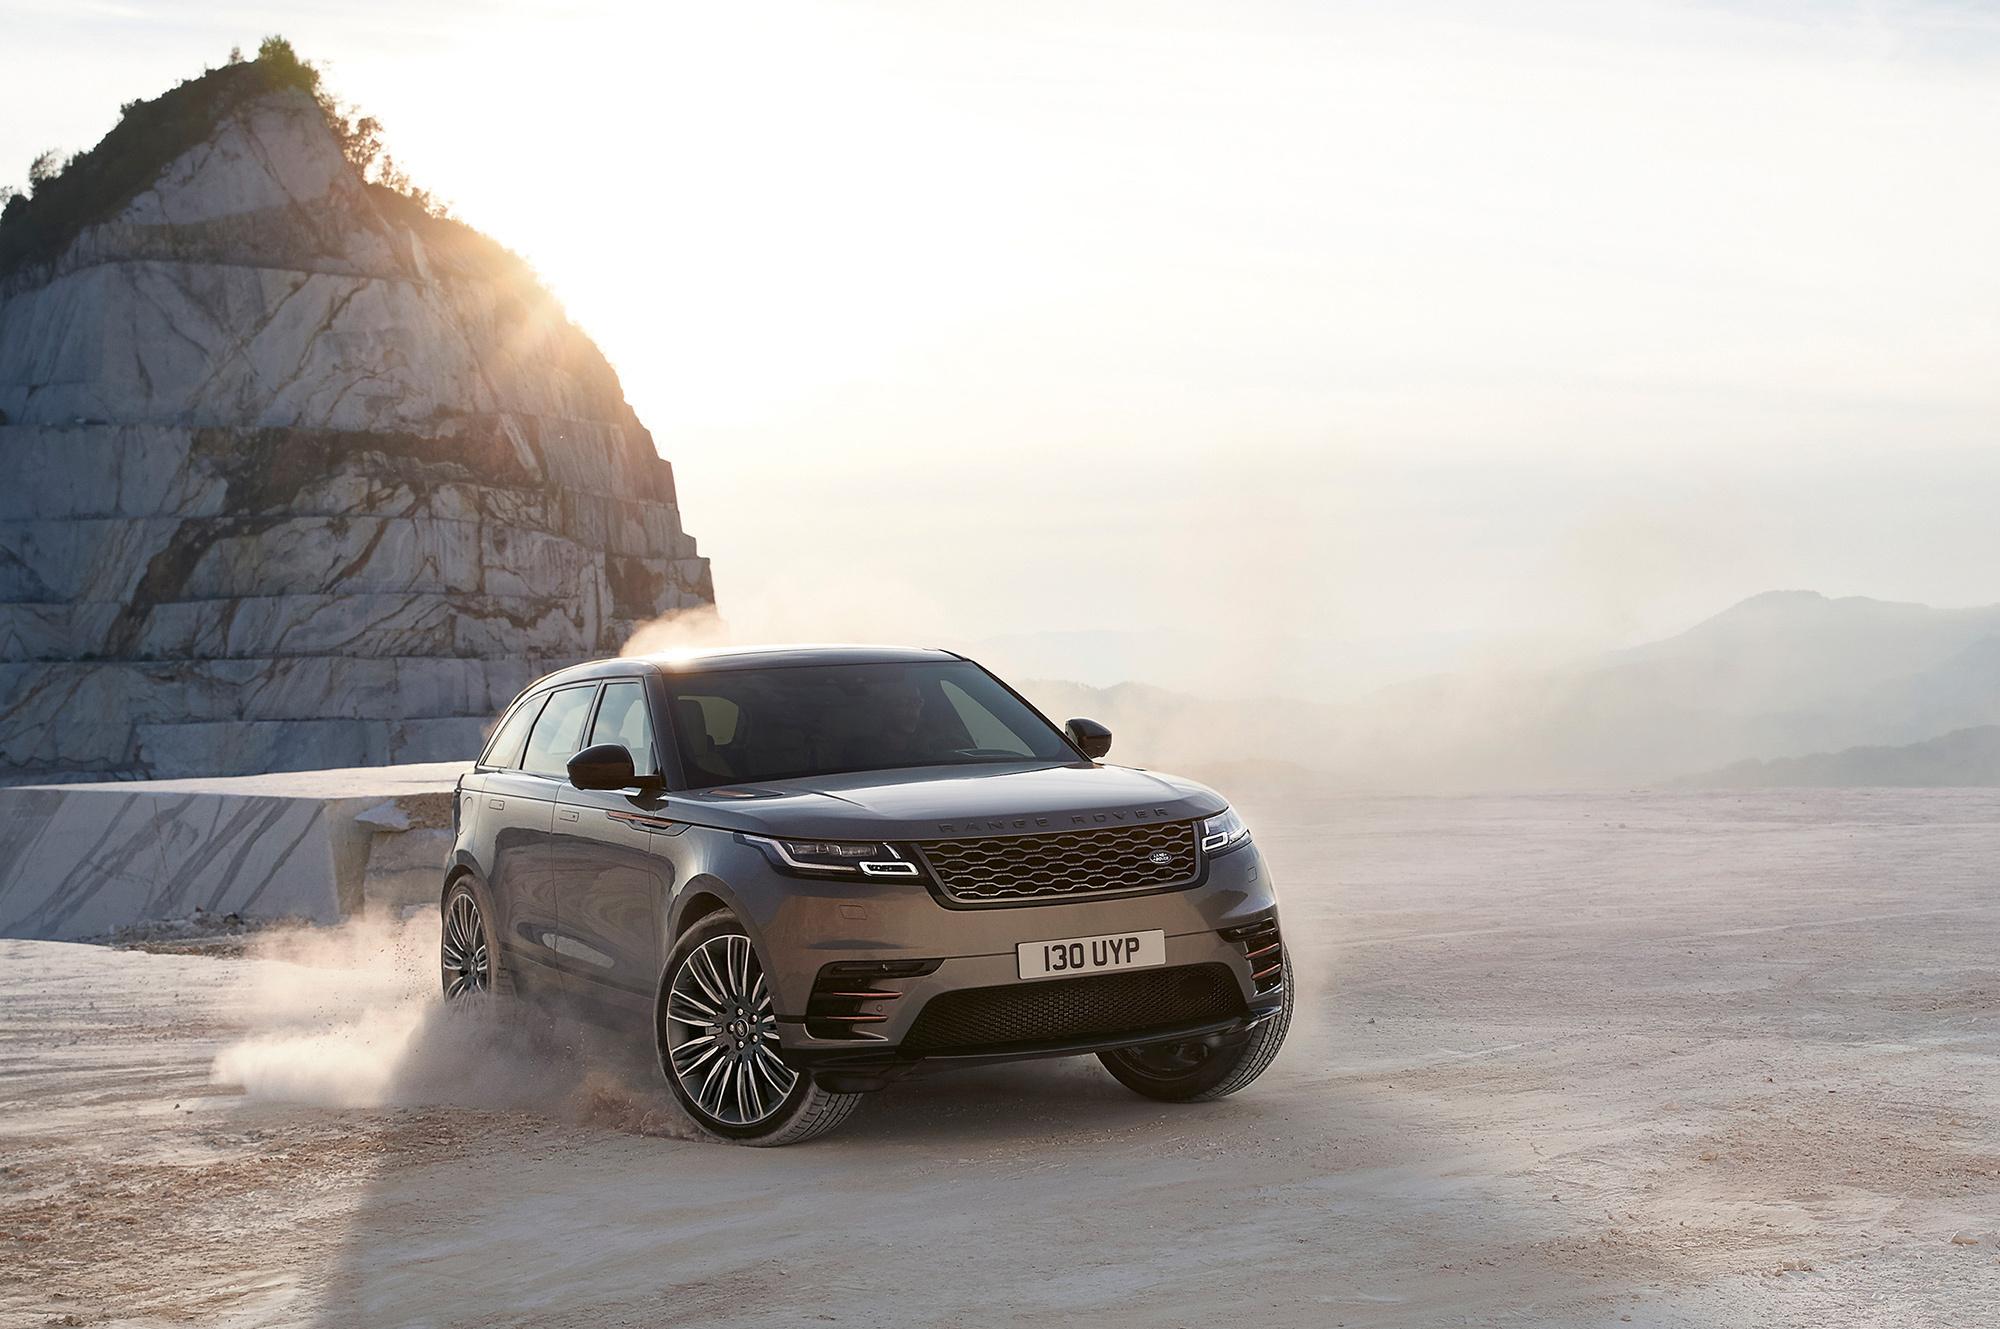 Range Rover Velar High Definition